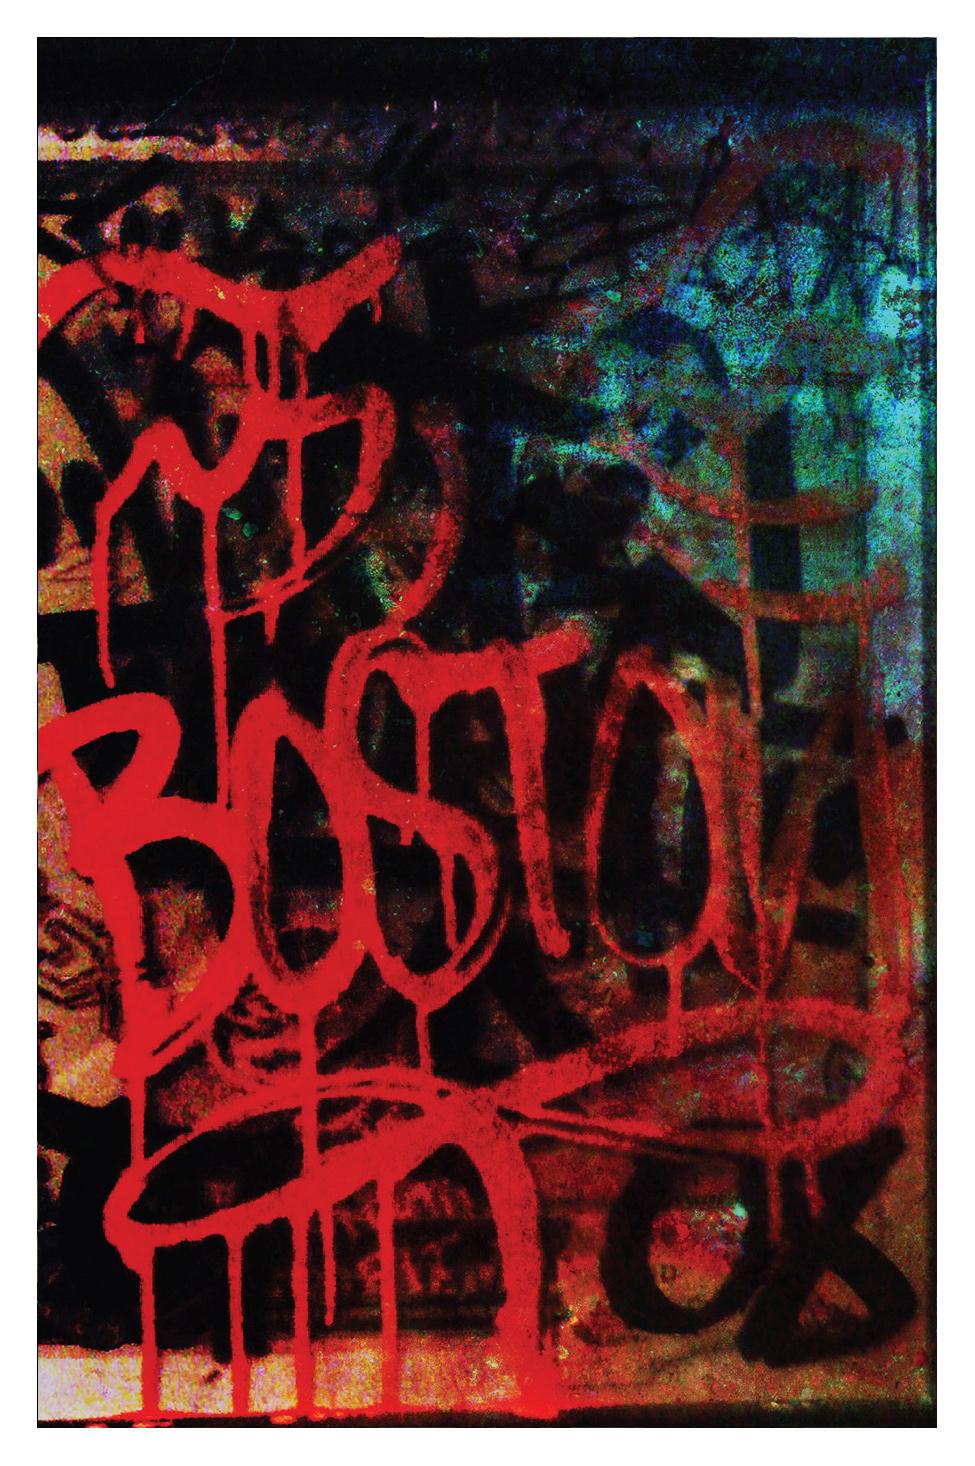 001_Wicked_Boston-01.jpg